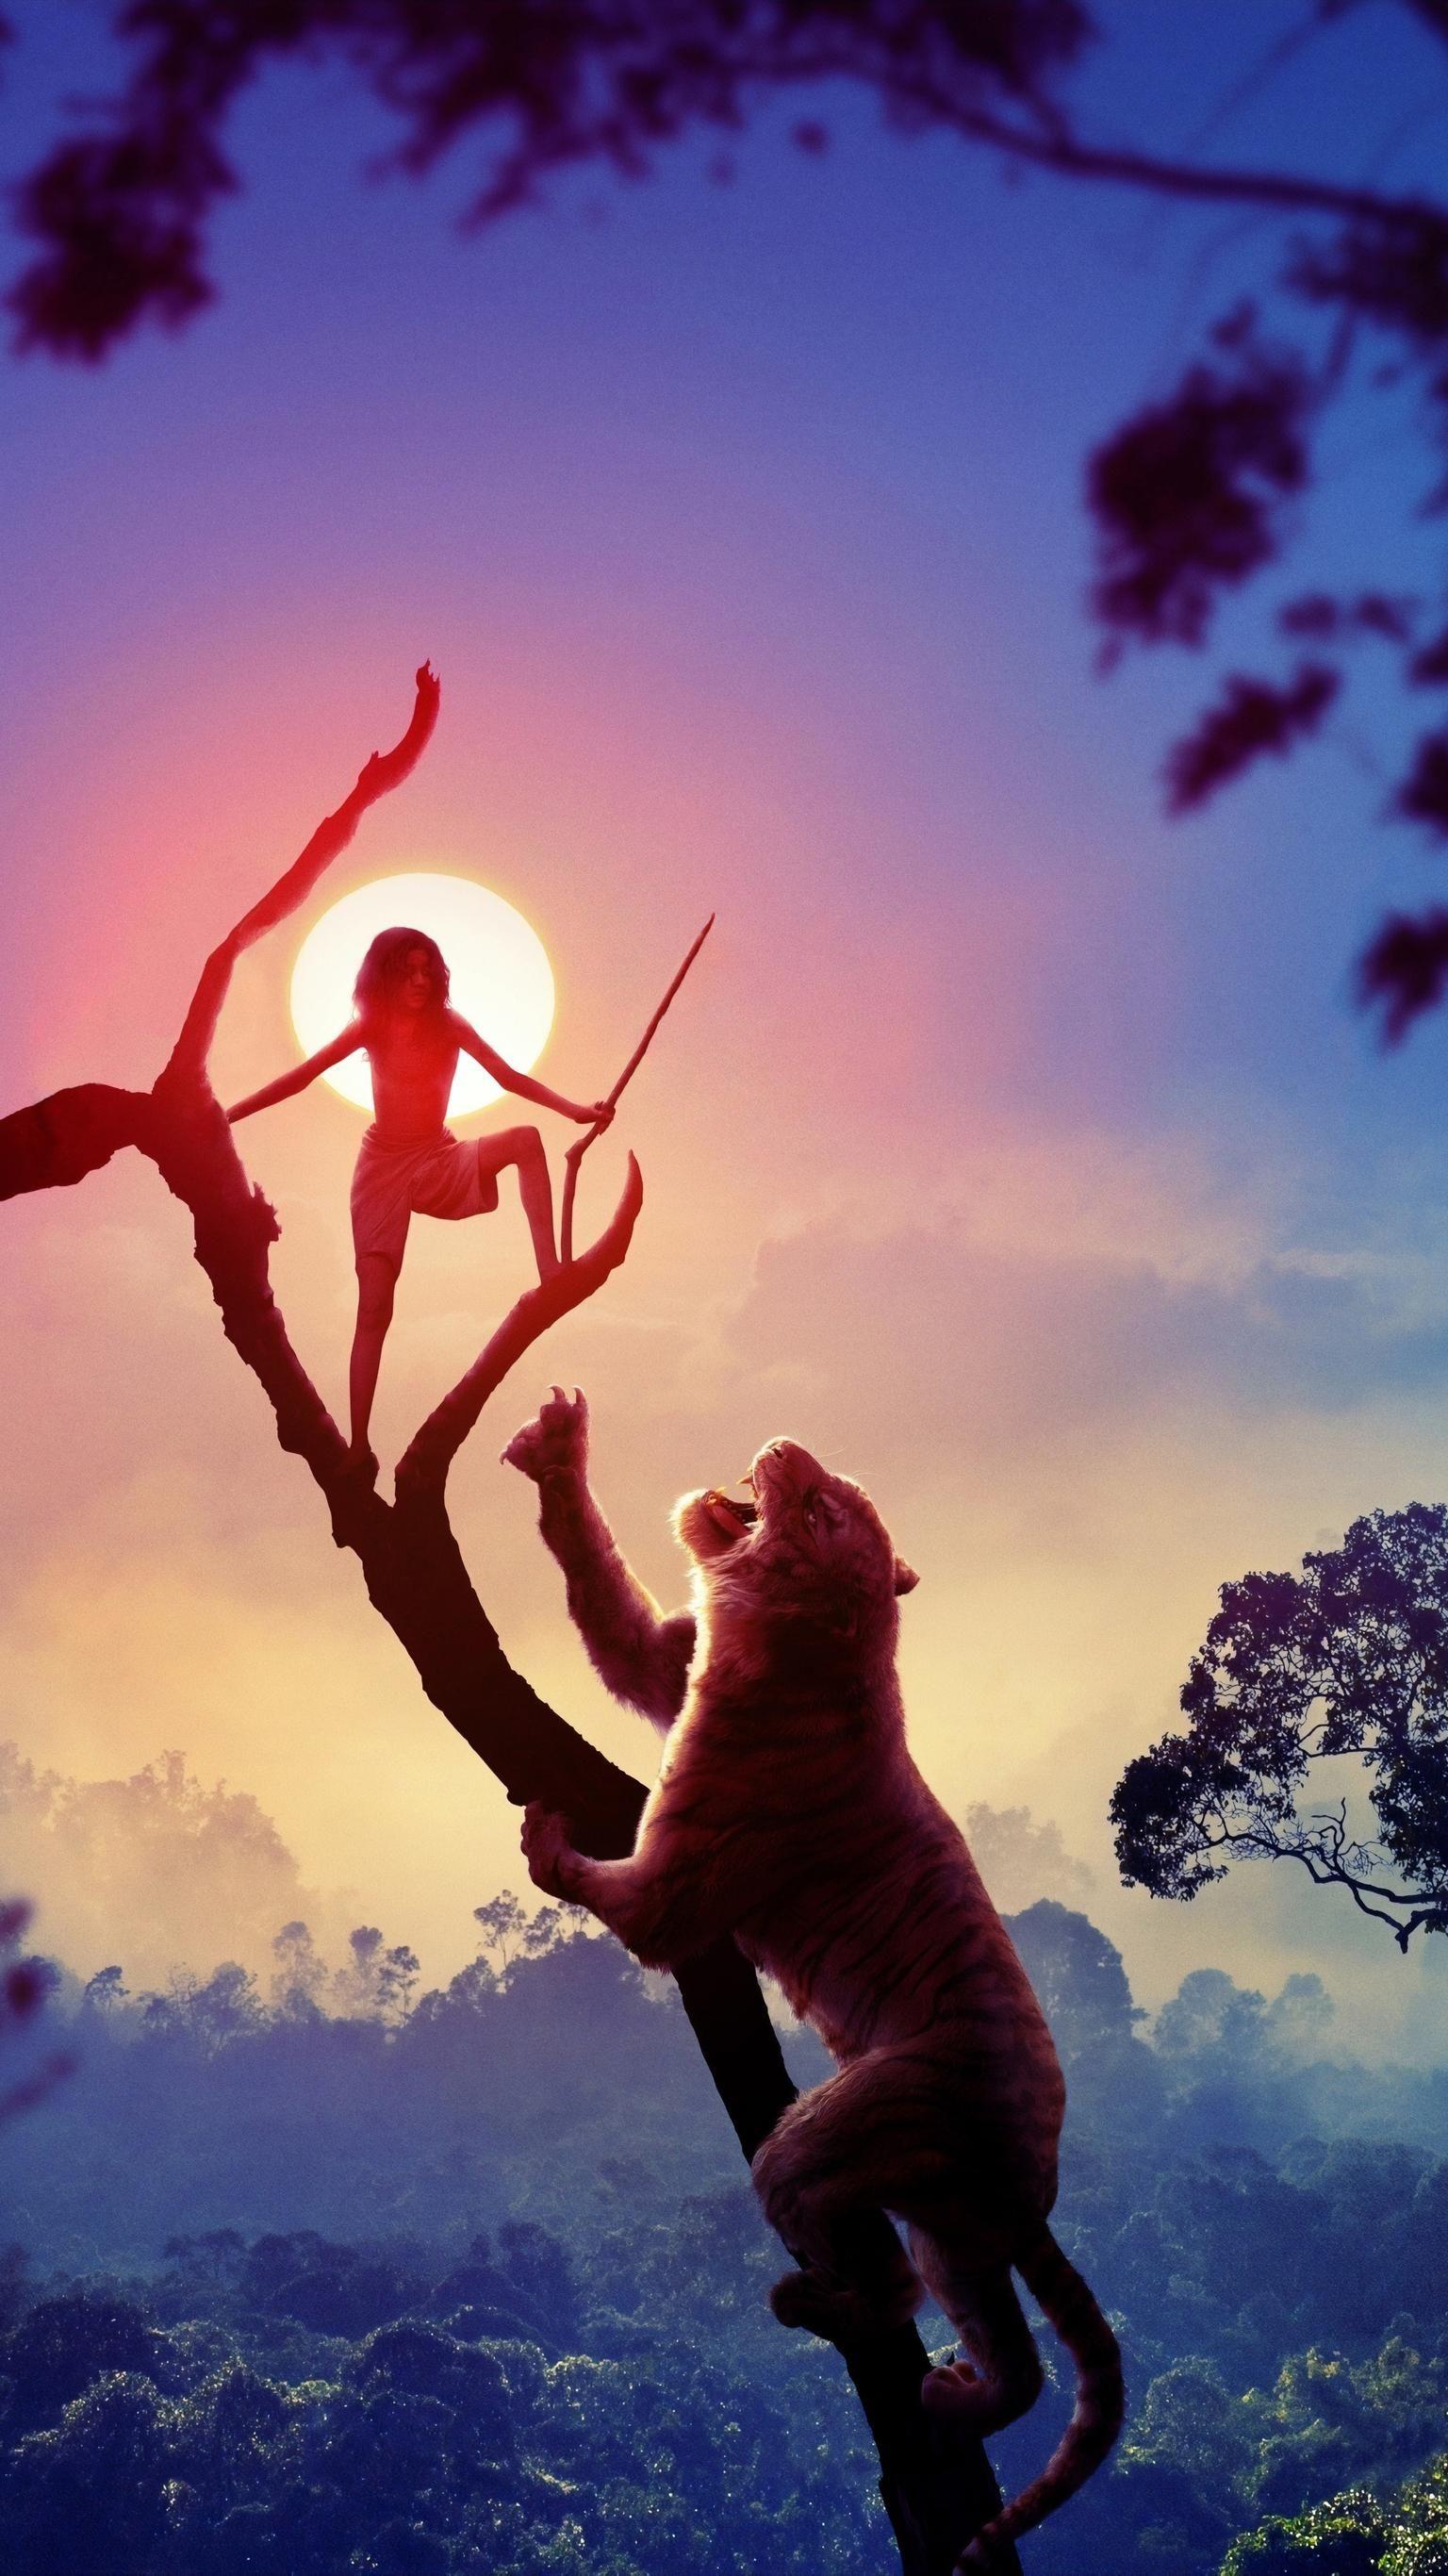 Mowgli Legend Of The Jungle 2018 Phone Wallpaper Escoteiros Cartazes De Filmes Desenhos